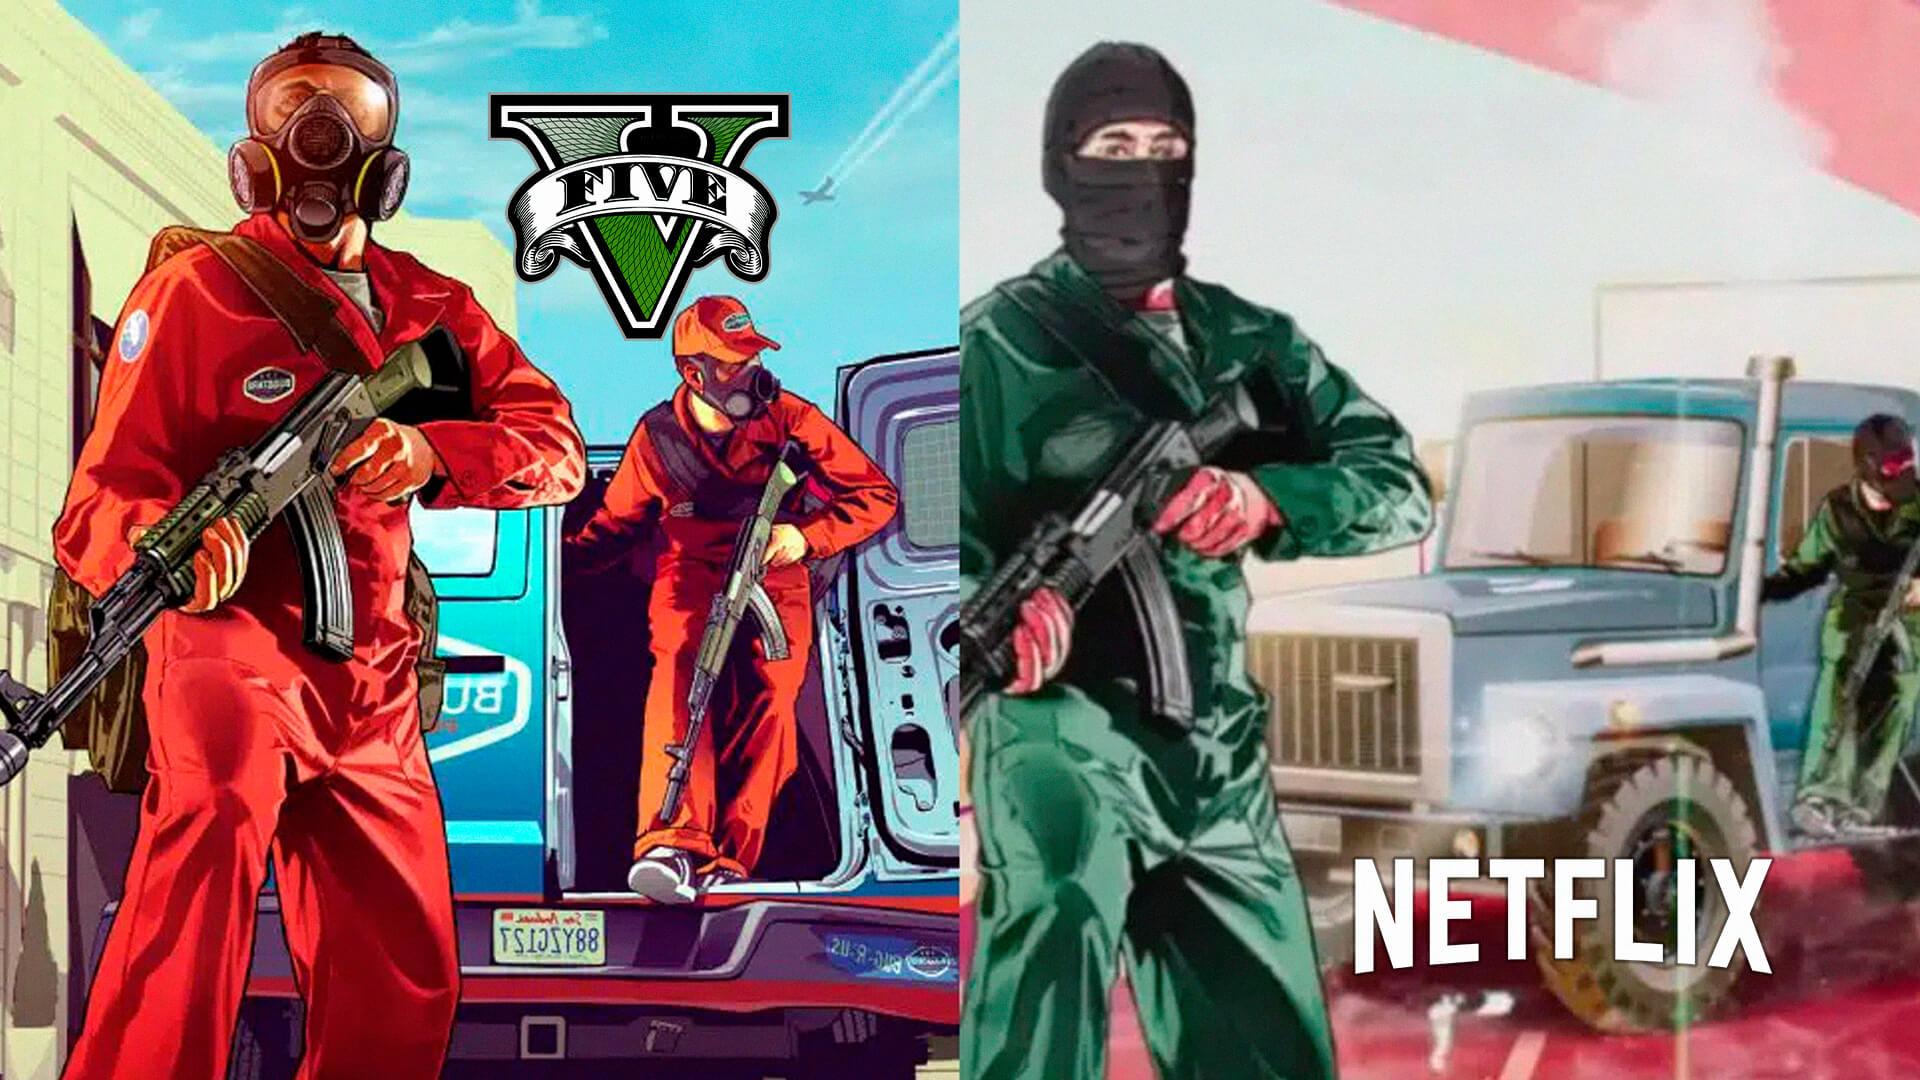 Os fãs da Rockstar Games estão acusando uma nova série da Netflix de copiar as artes de GTA Online e Grand Theft Auto 5.